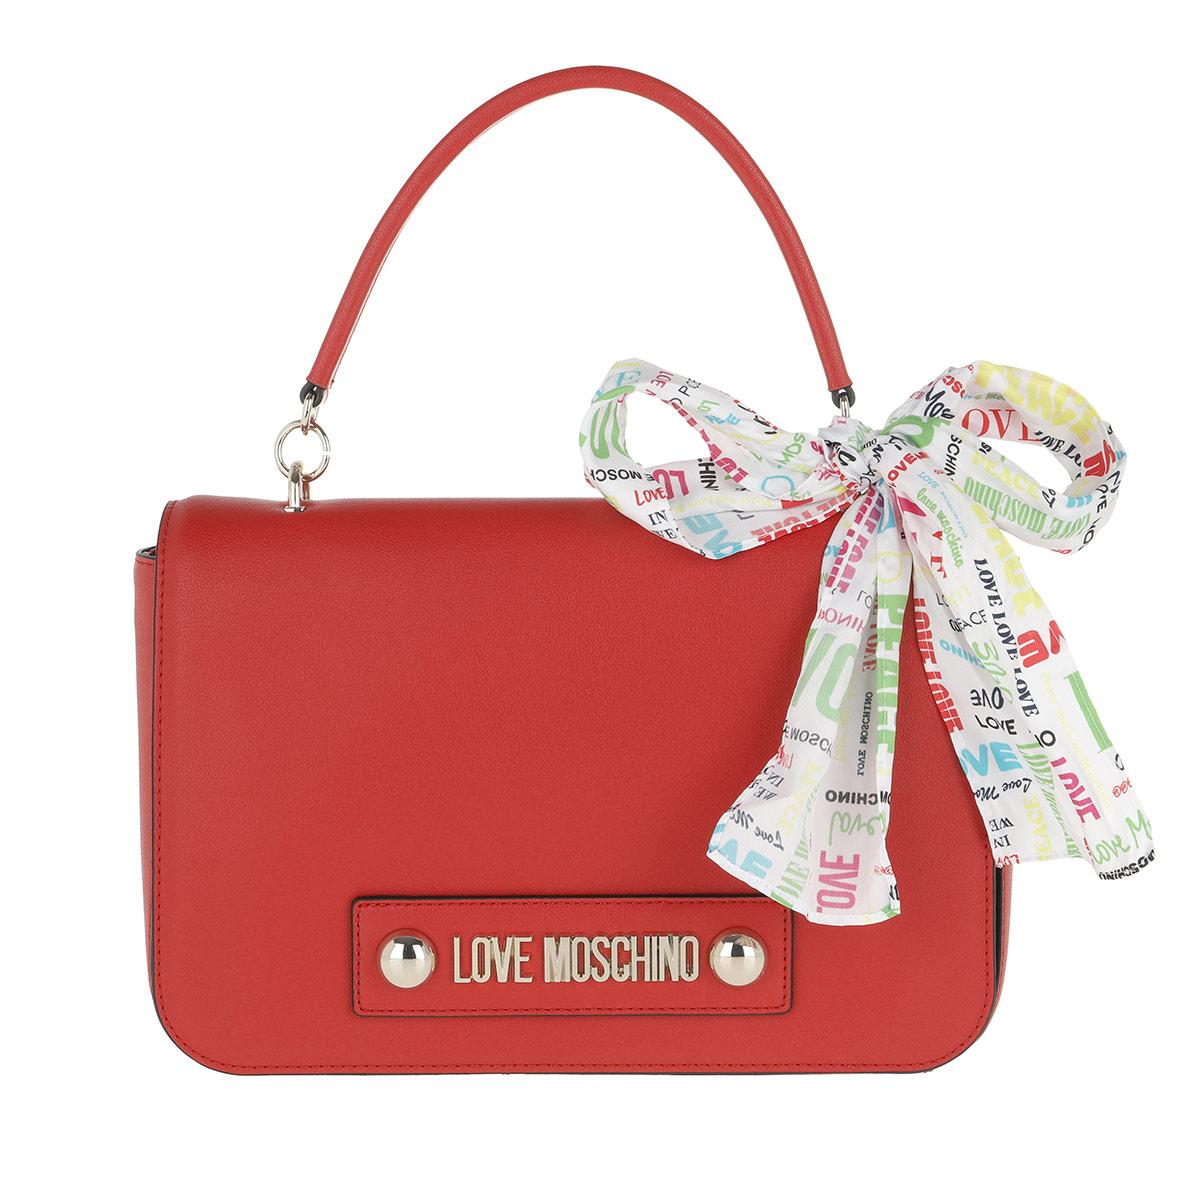 Love Moschino Umhängetasche - Soft Grain Pu Shoulder Bag Rosso - in rot - für Damen